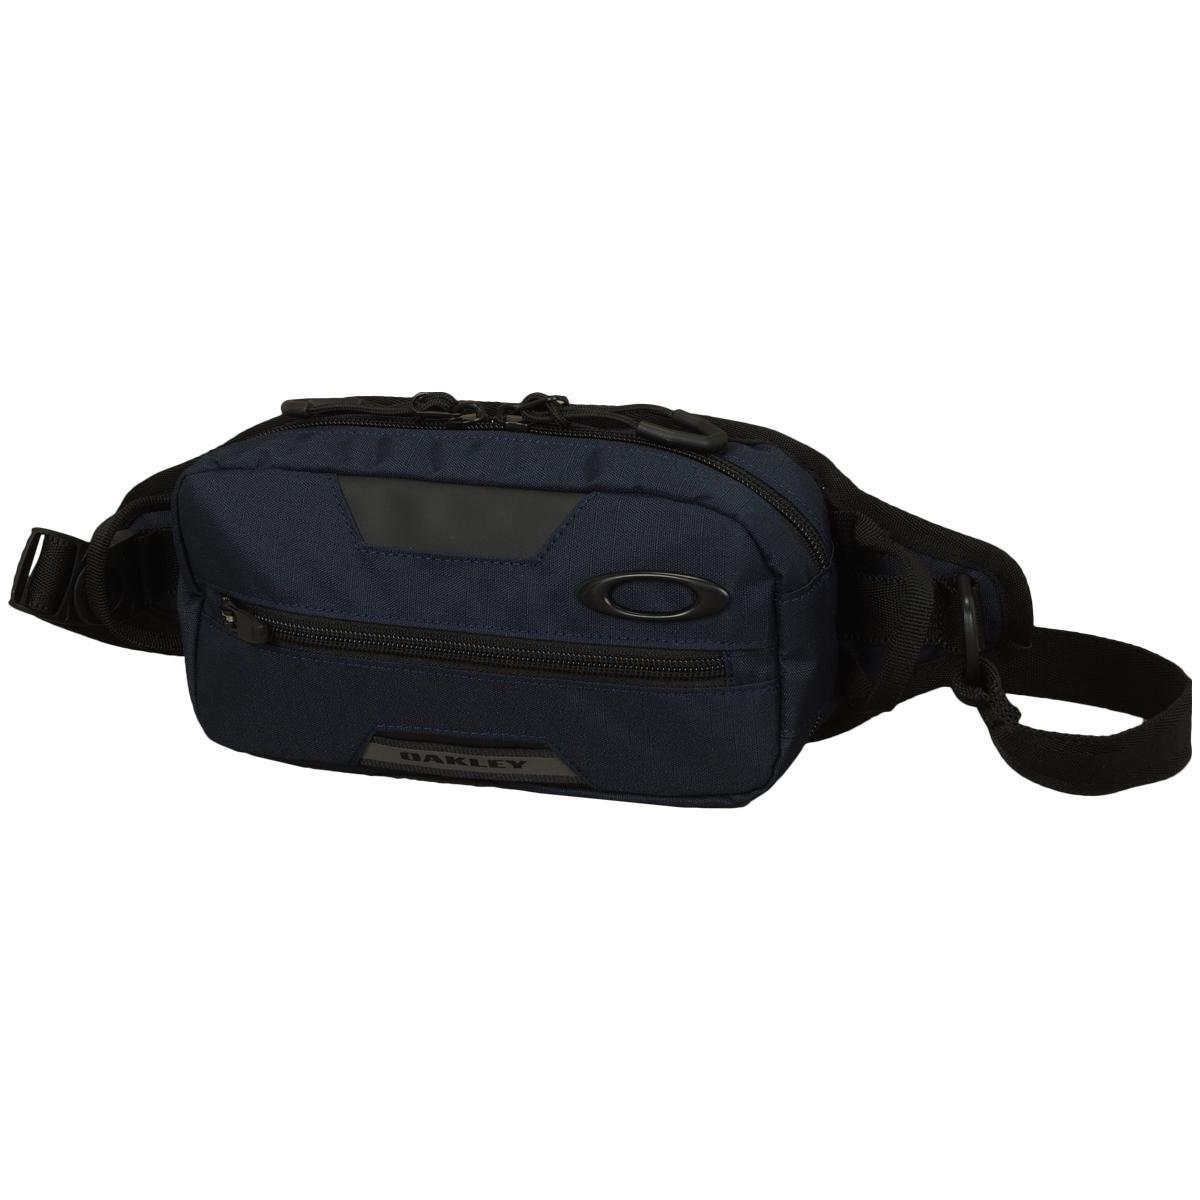 スポーツバッグ, バックパック・リュック  OAKLEY ESSENTIAL 3.0